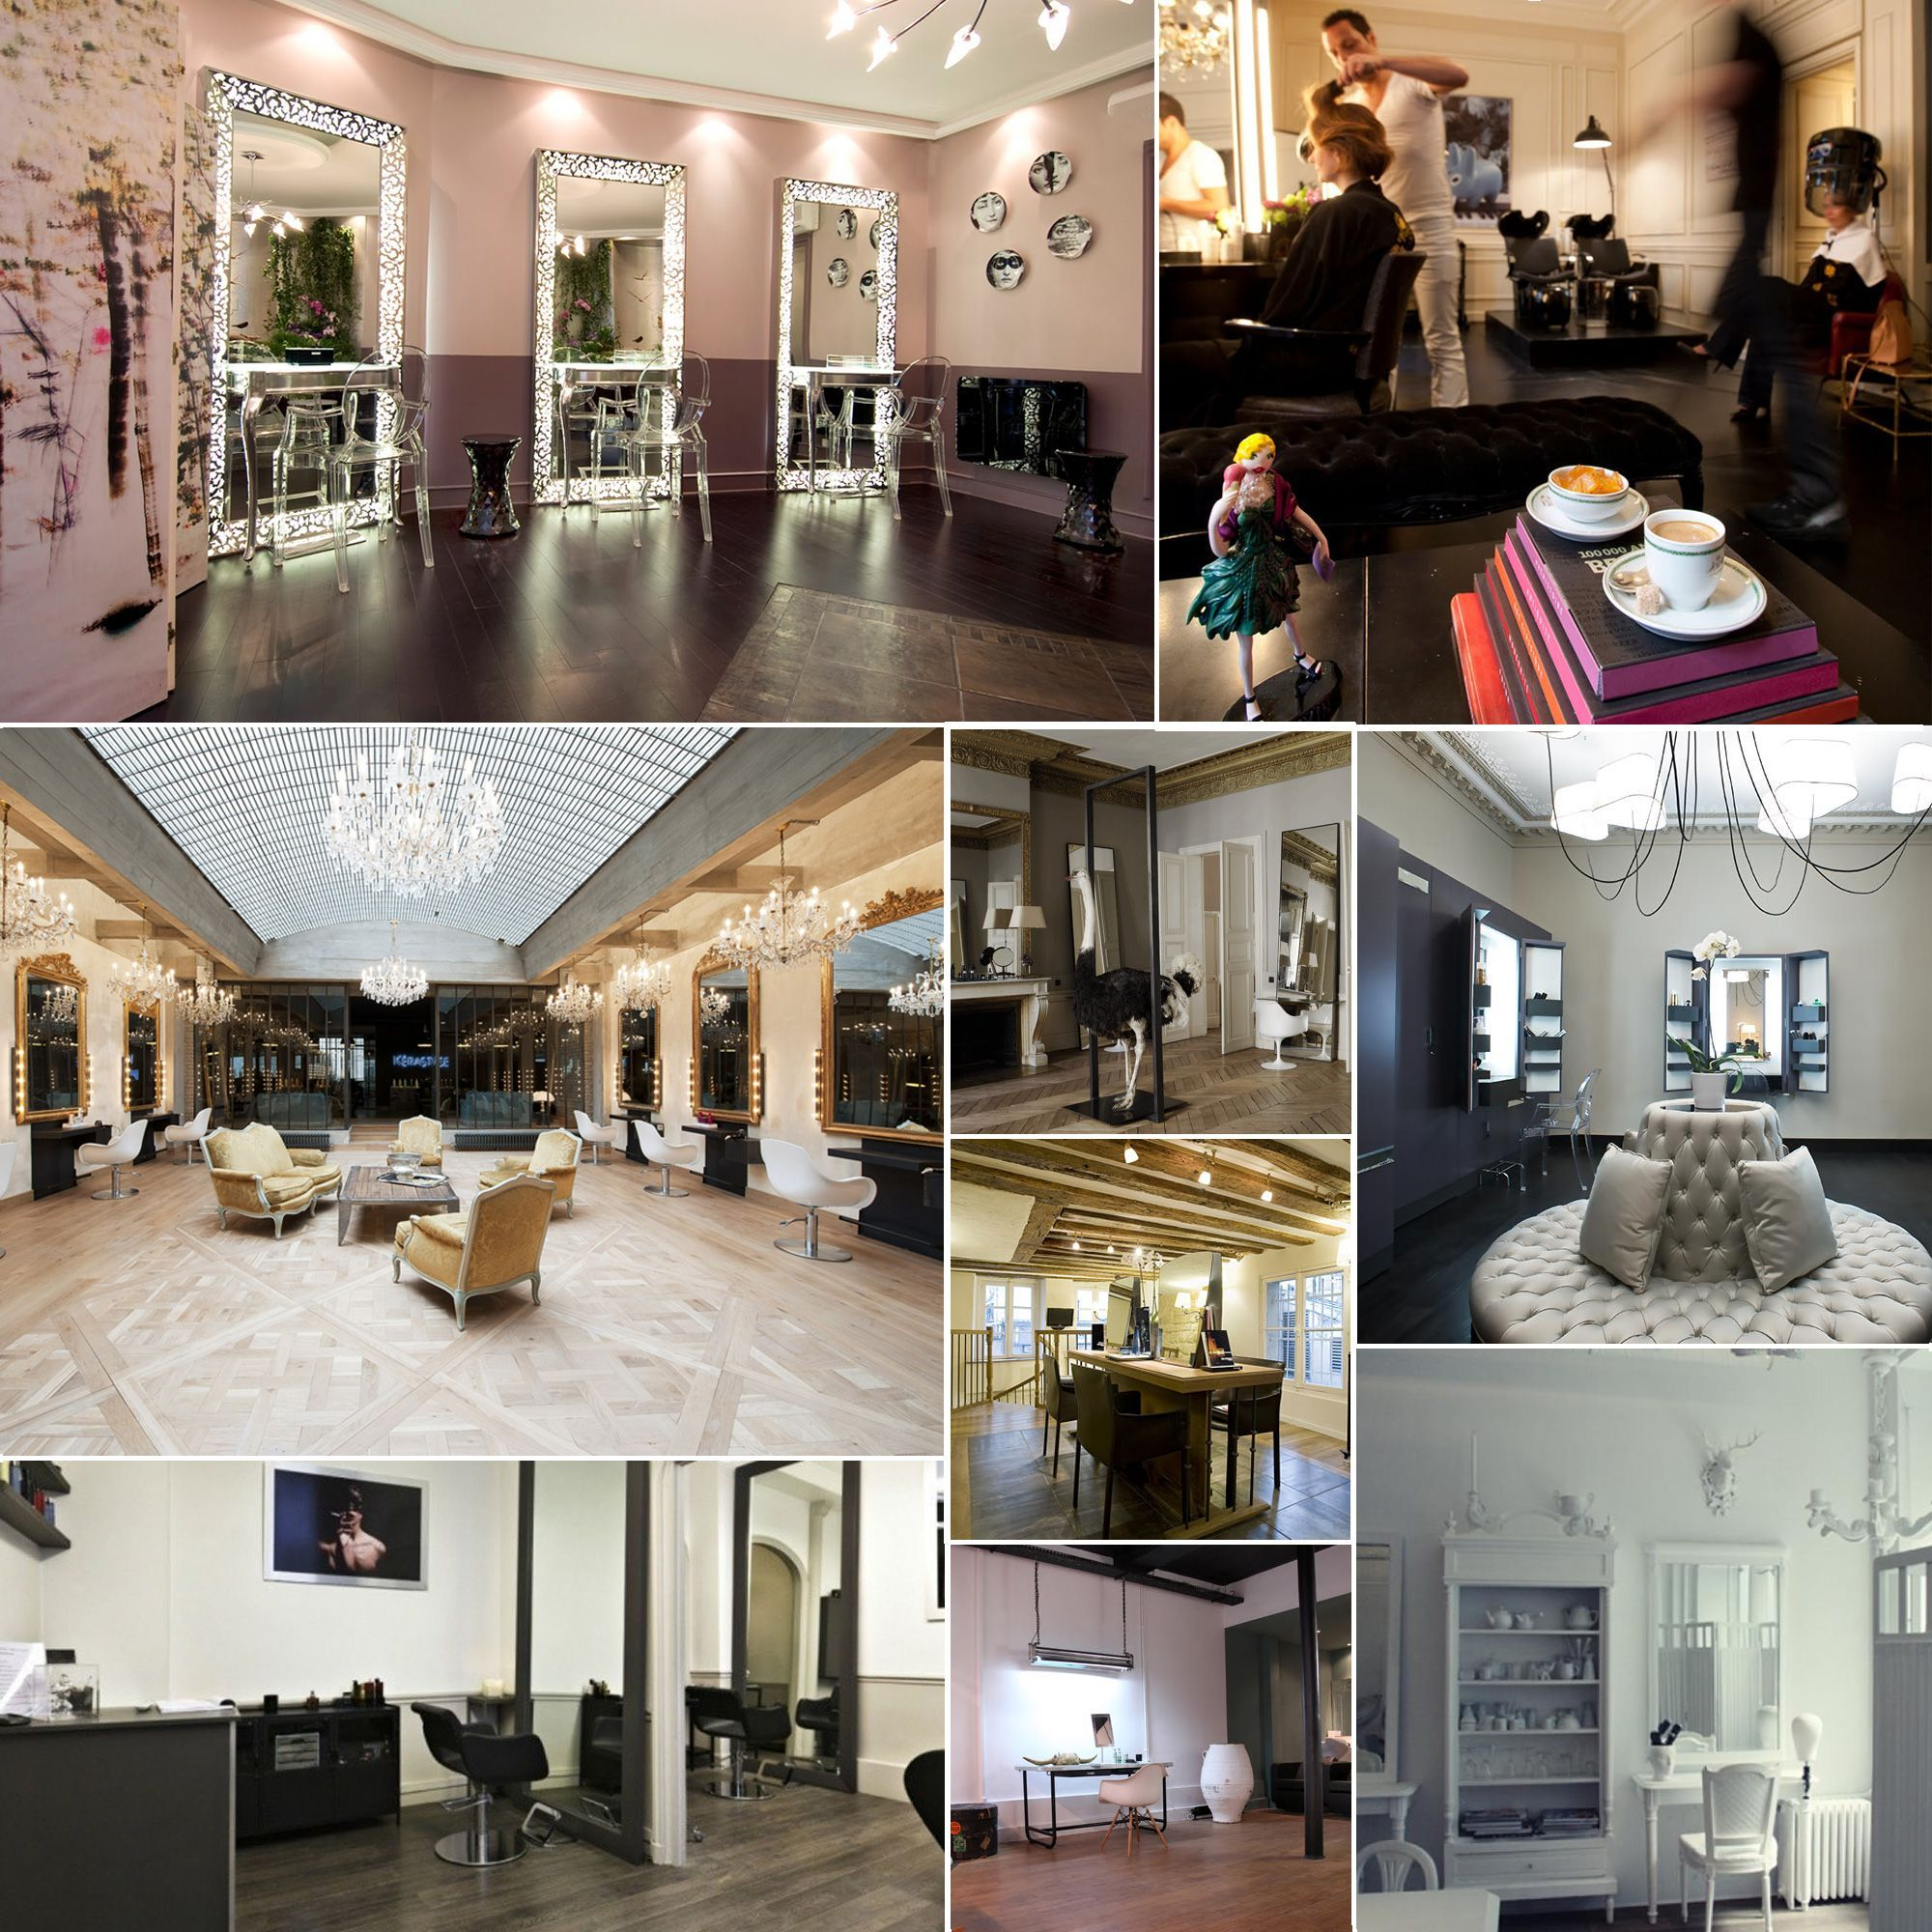 meilleurs salons de coiffure paris les 15 meilleurs salons de coiffure parisiens elle. Black Bedroom Furniture Sets. Home Design Ideas